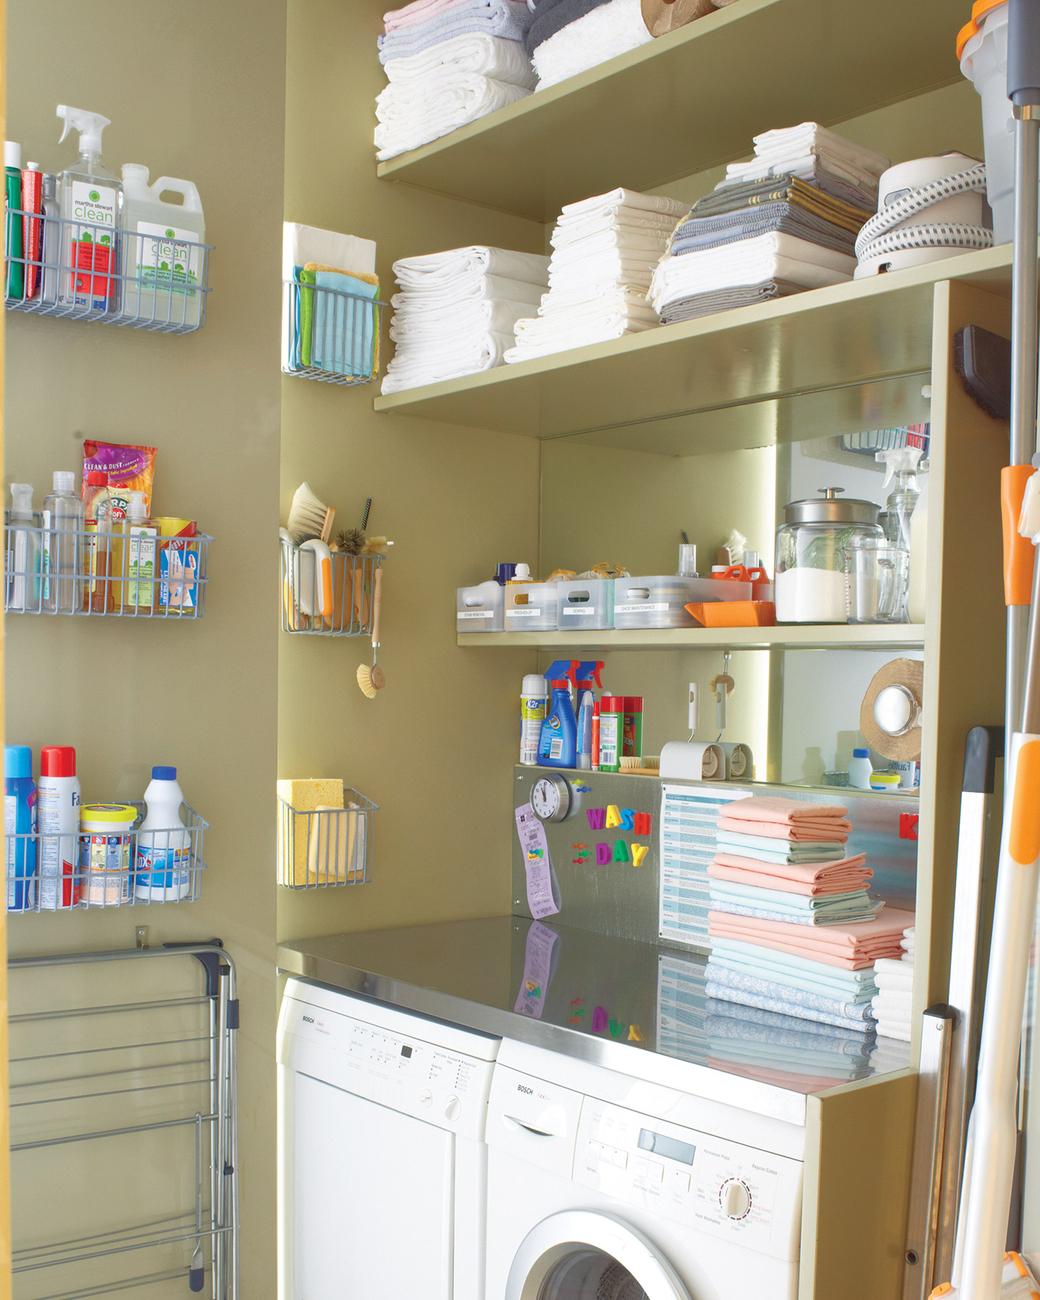 lavanderia-organizada-com-tudo-ao-alcance-dos-adultos-Martha Stewart Living